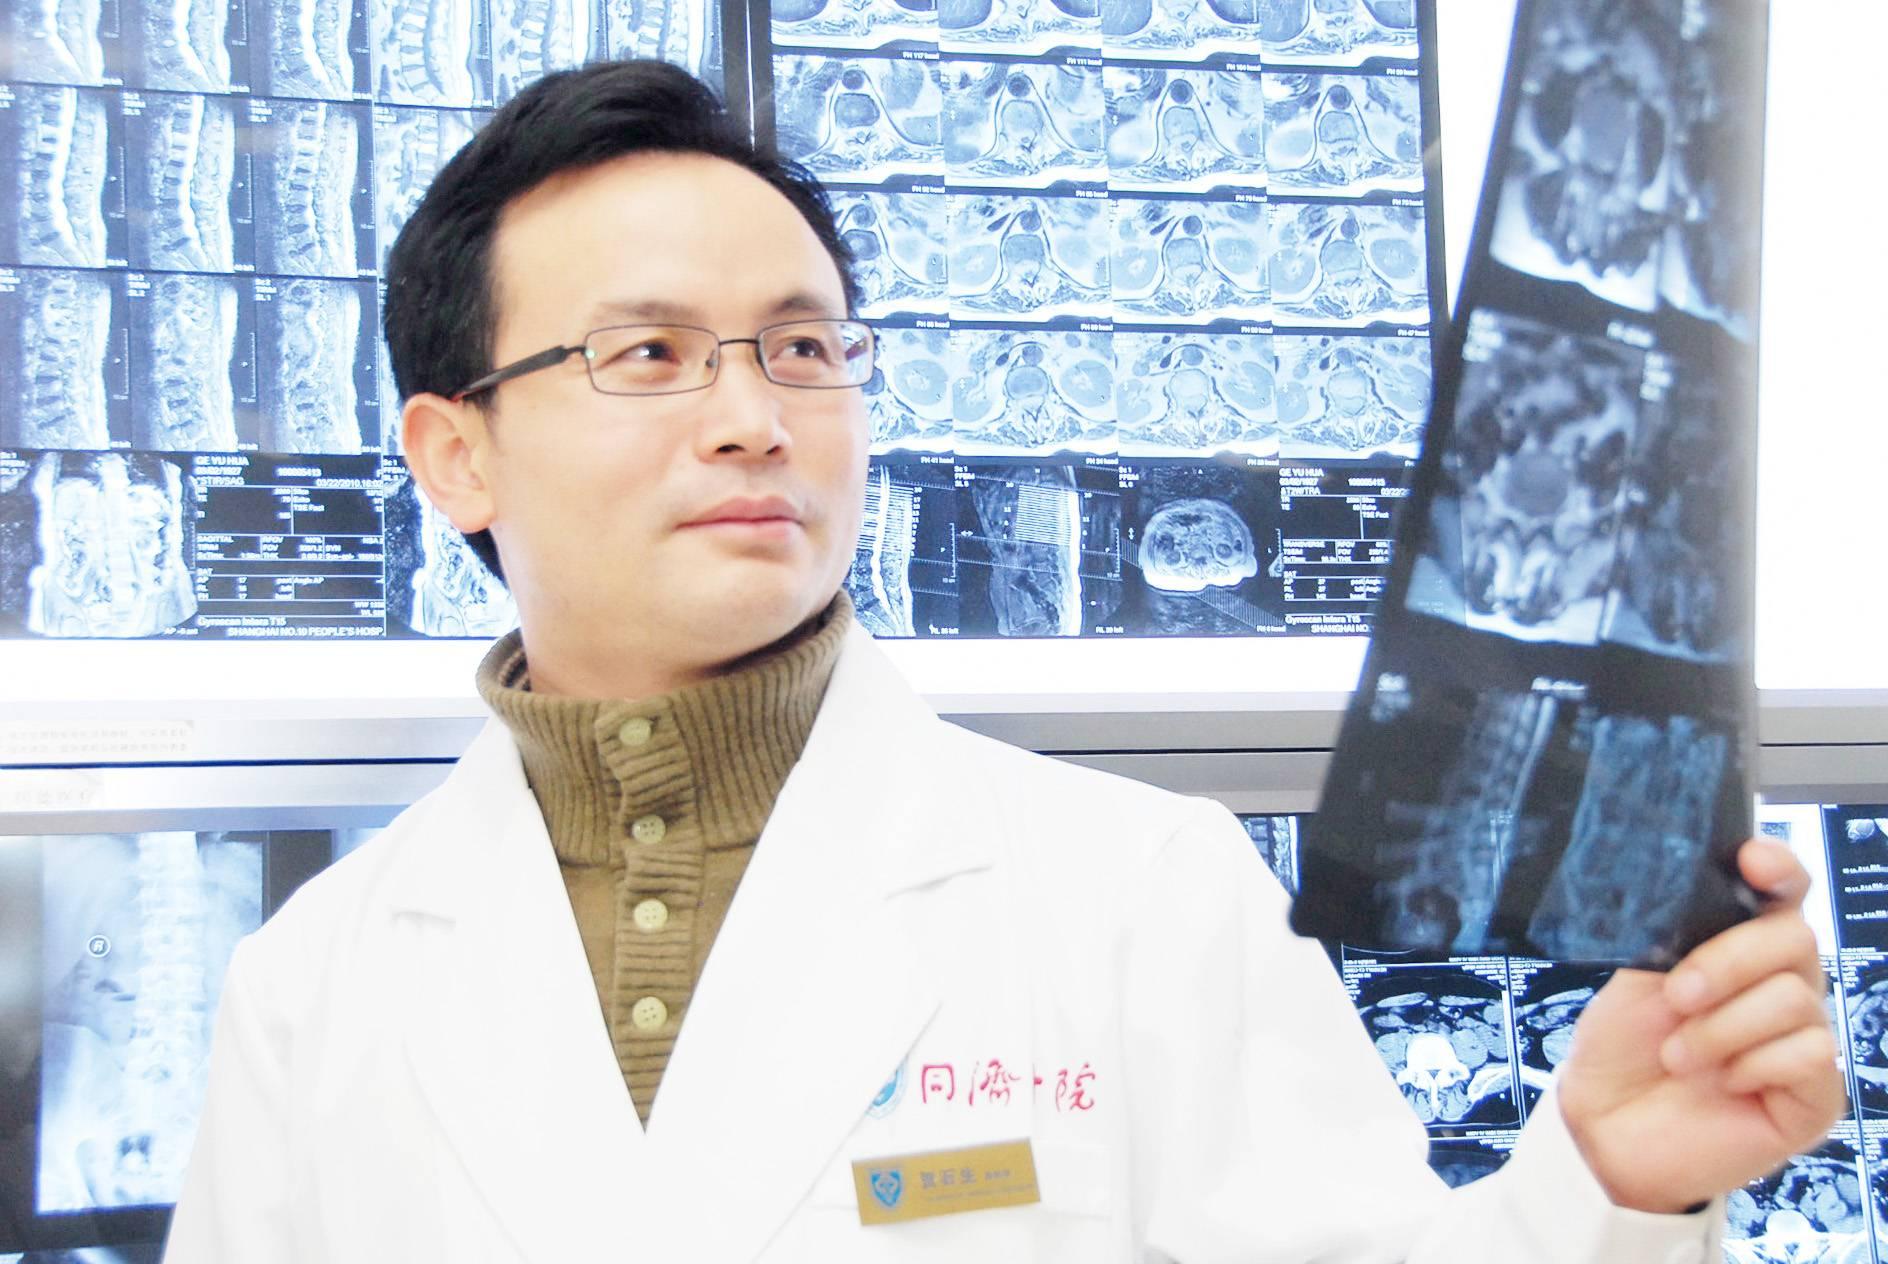 超7成腰椎间盘术后患者仍存在腰背痛:手术成功了,还疼该怎么办?